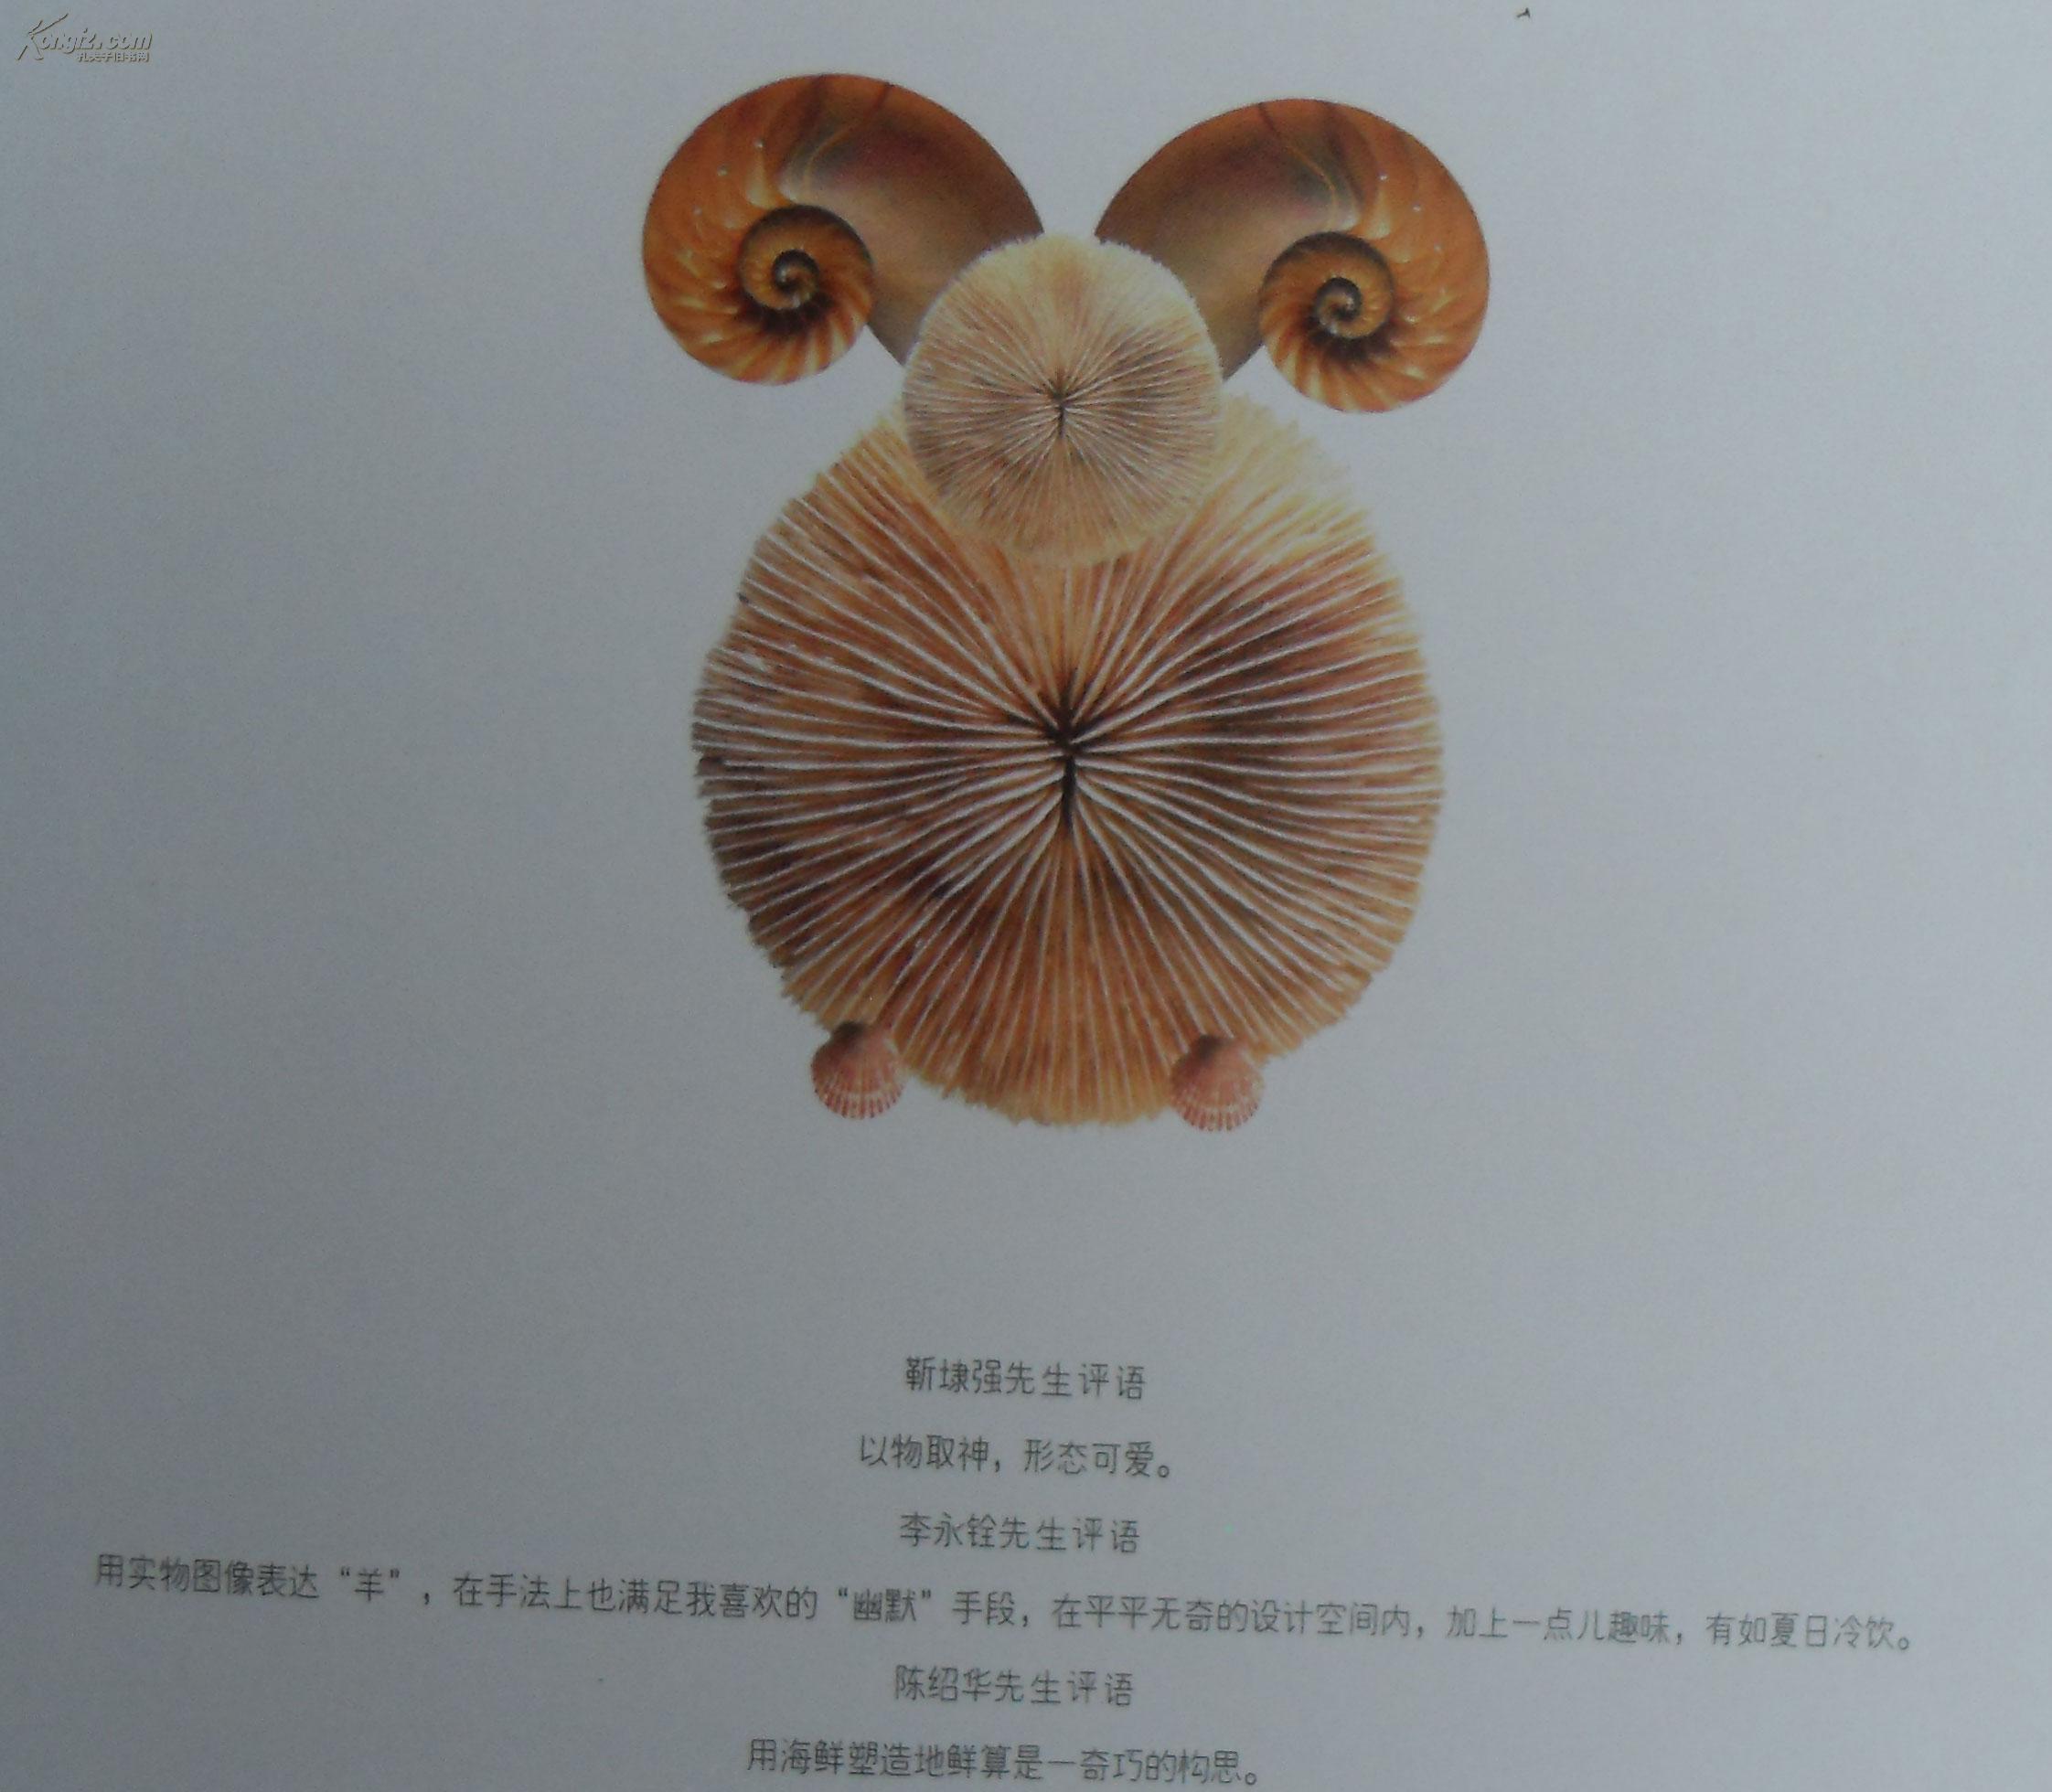 生肖动物相框-生肖动物相框批发、促销价格、产地货源 - 阿里巴巴